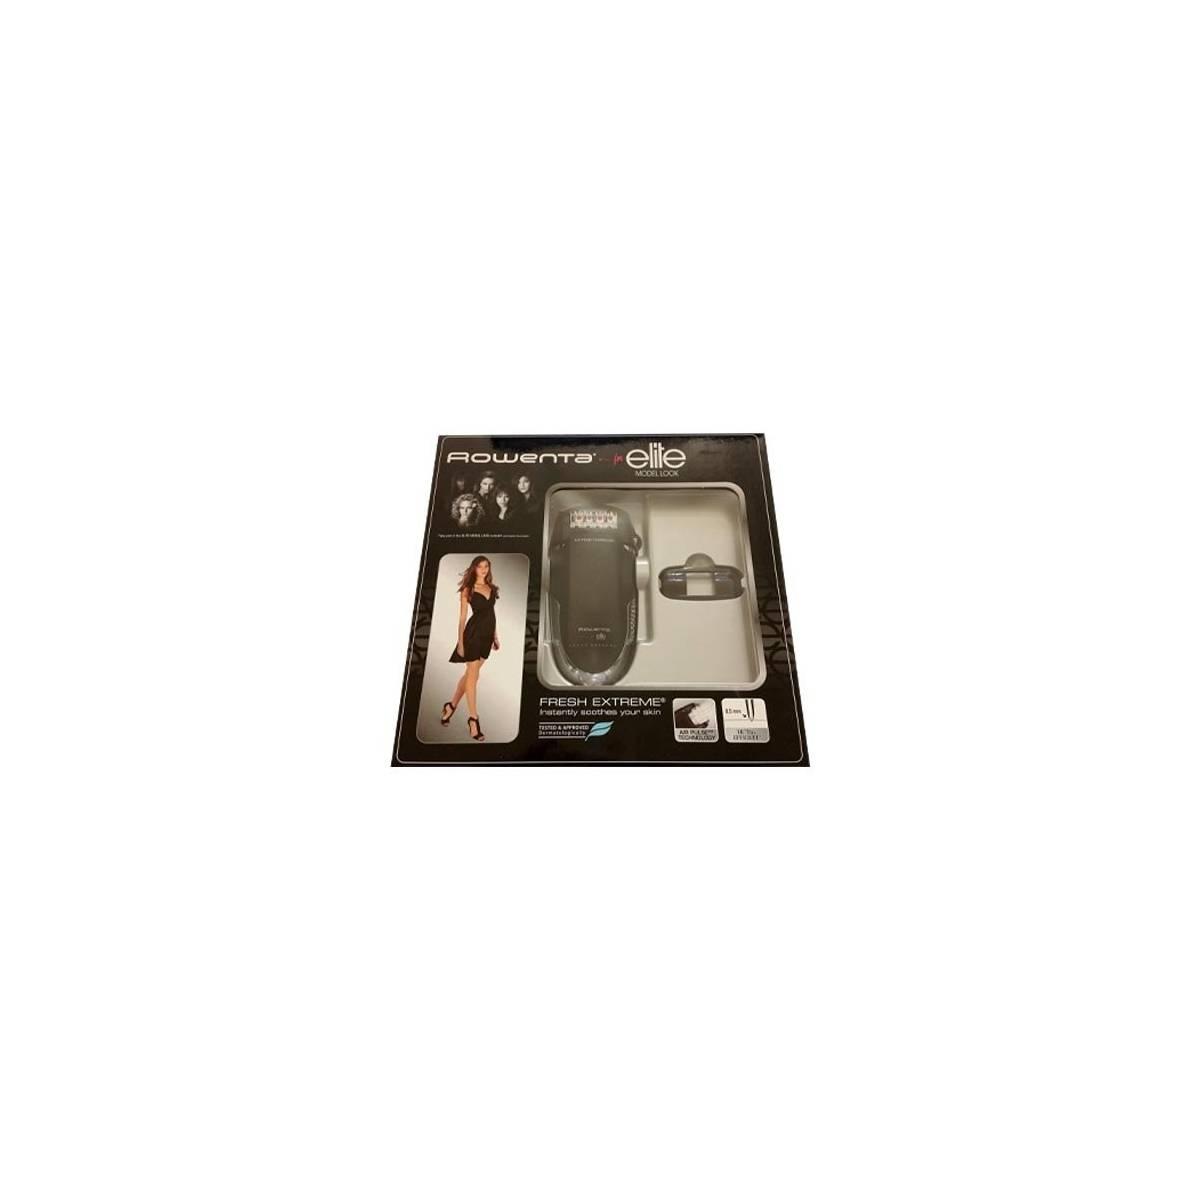 Rowenta epilateur elite model look EP7202